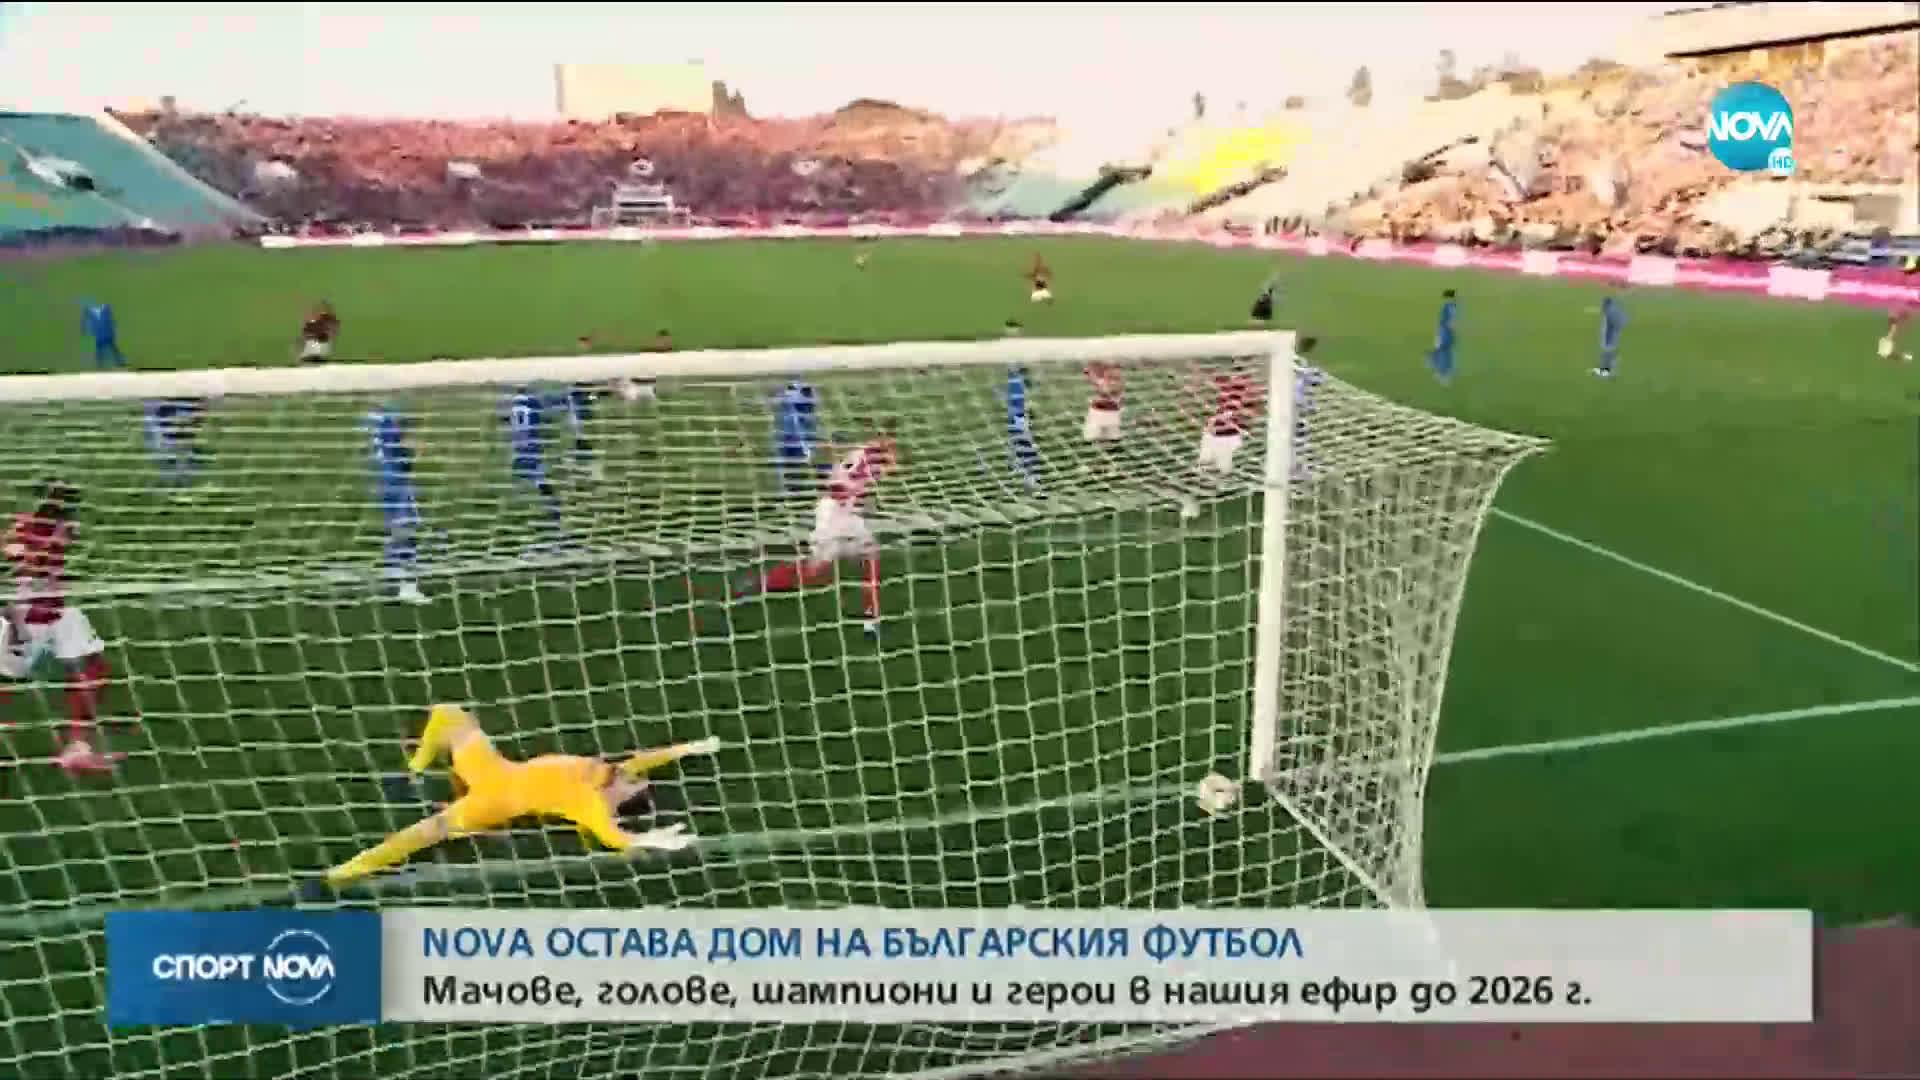 Елитният български футбол - в каналите на Нова Броудкастинг Груп в следващите 6 години